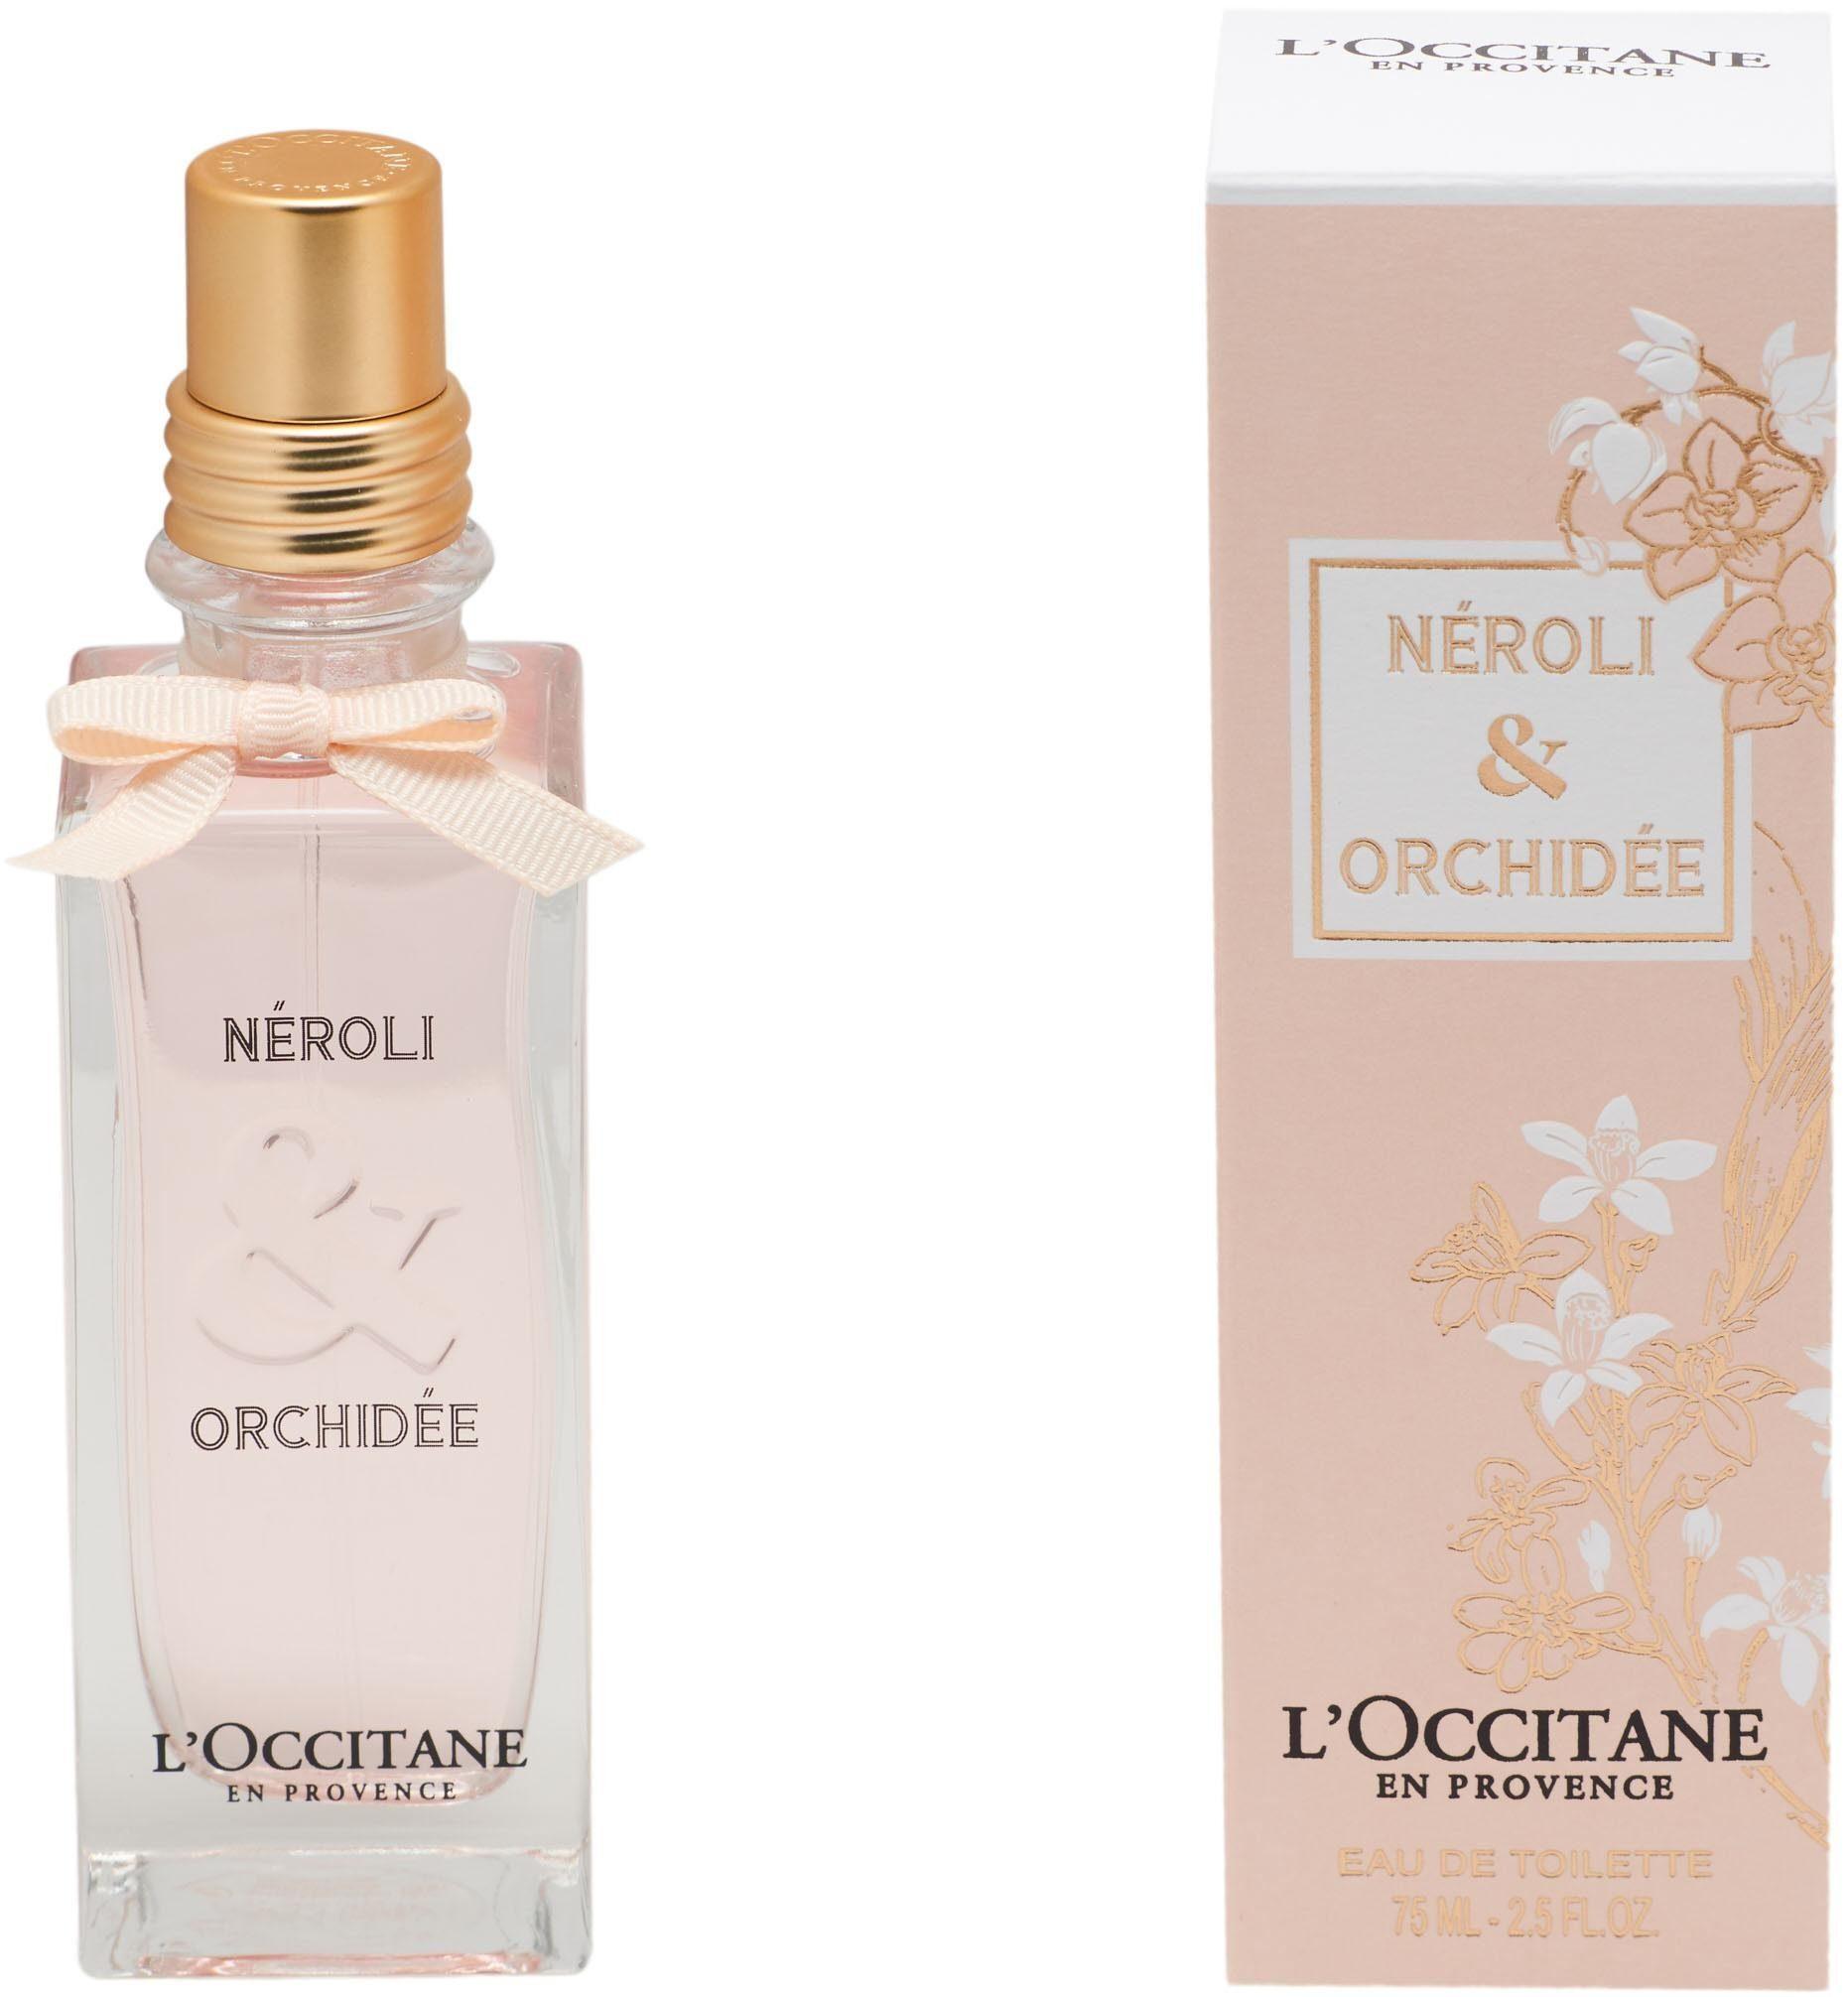 L'OCCITANE, »Néroli & Orchidée«, Eau de Toilette